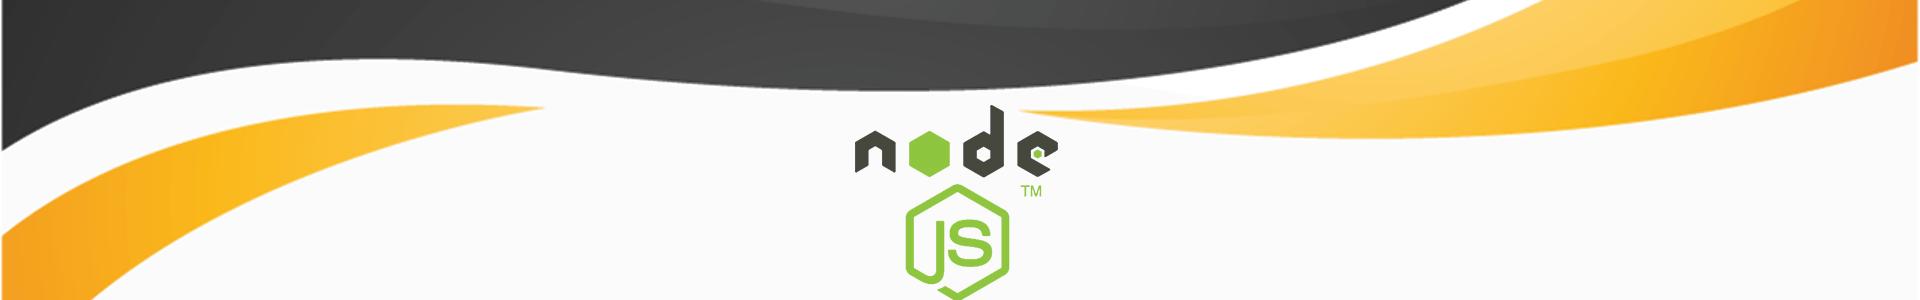 Domino e node.js: primi passi (parte 1)